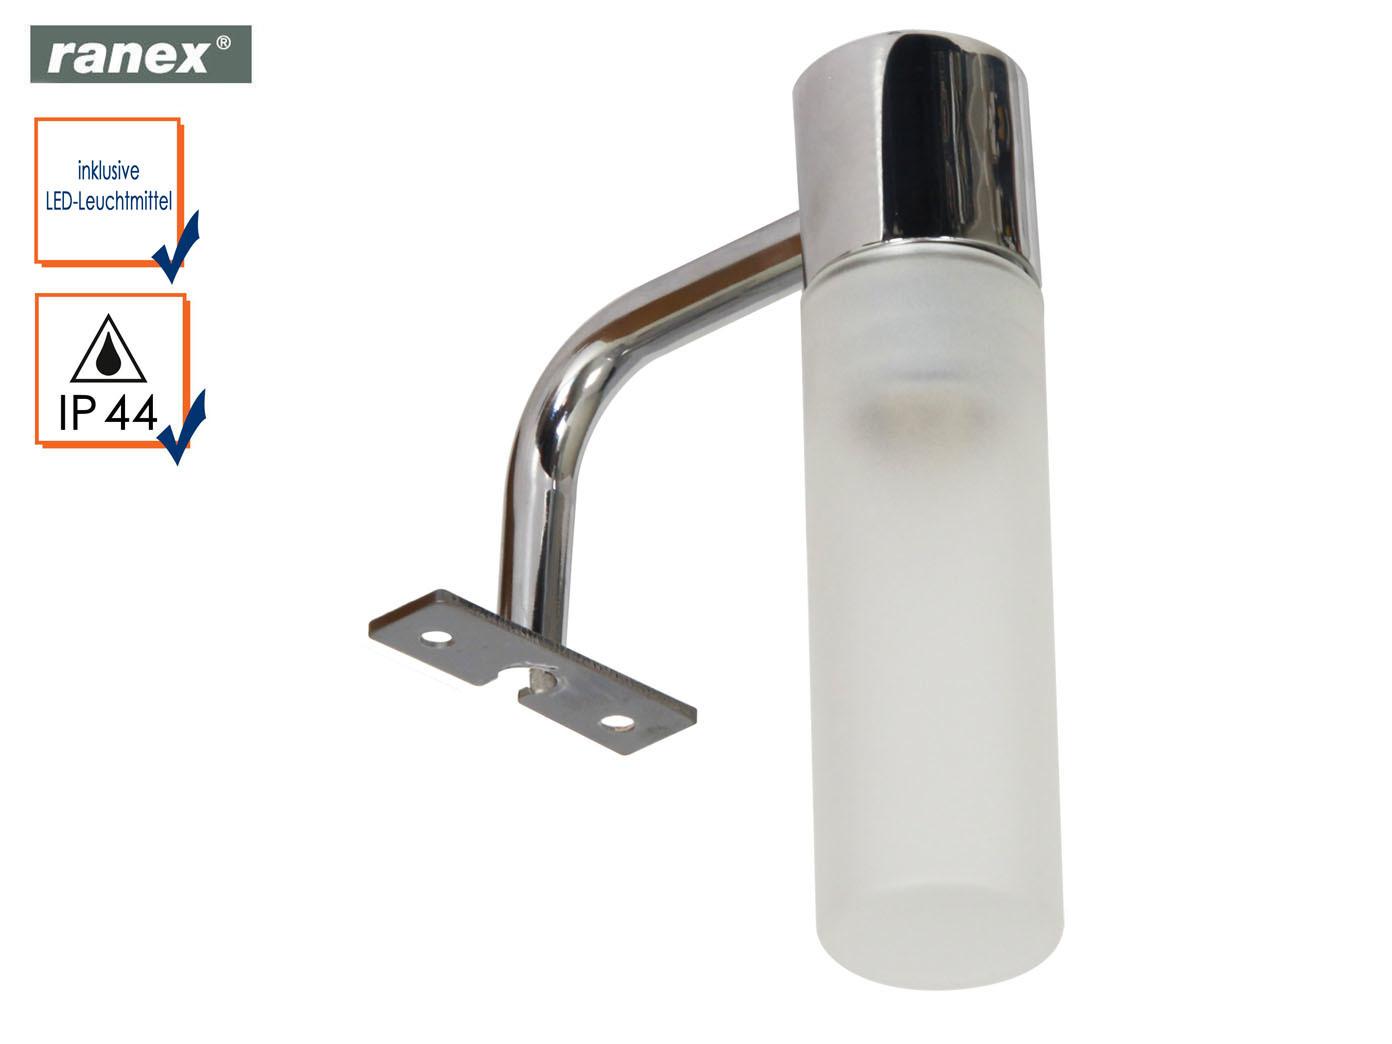 Lampe fürs Bad Spiegelleuchte Design klassich, Lampenschirm Glas ...